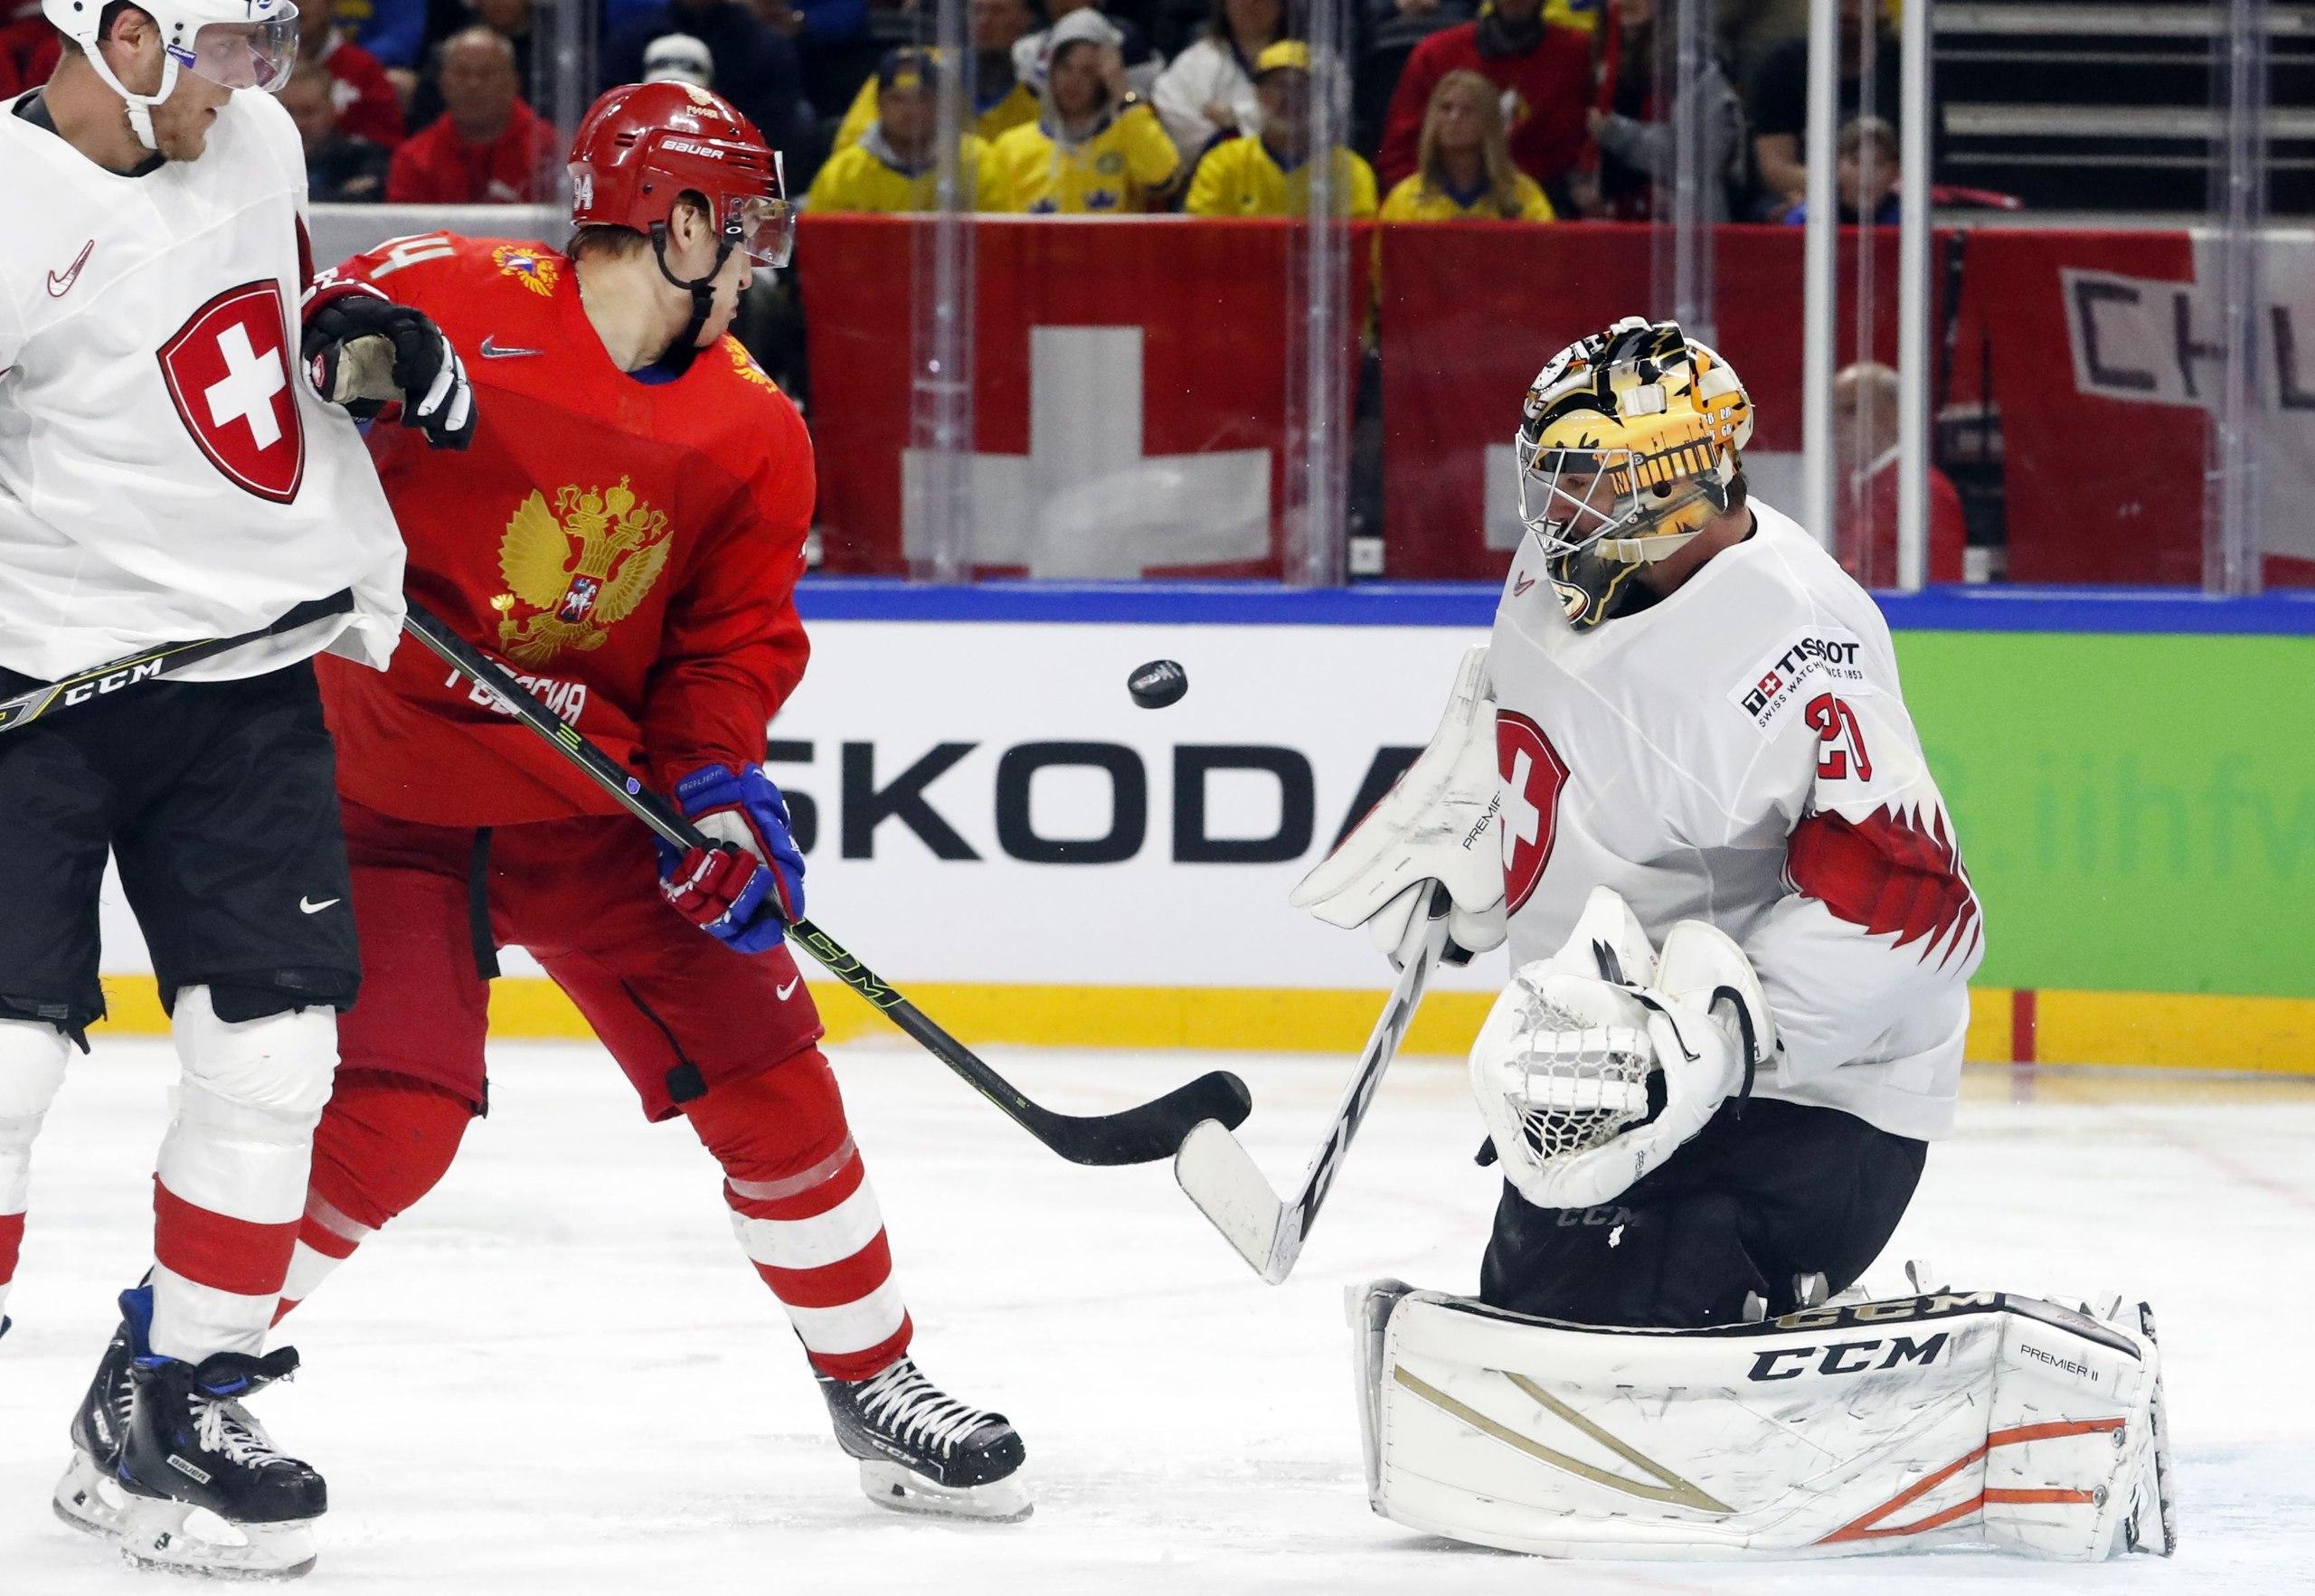 Завершился матч Россия — Швейцария на ЧМ по хоккею в Дании